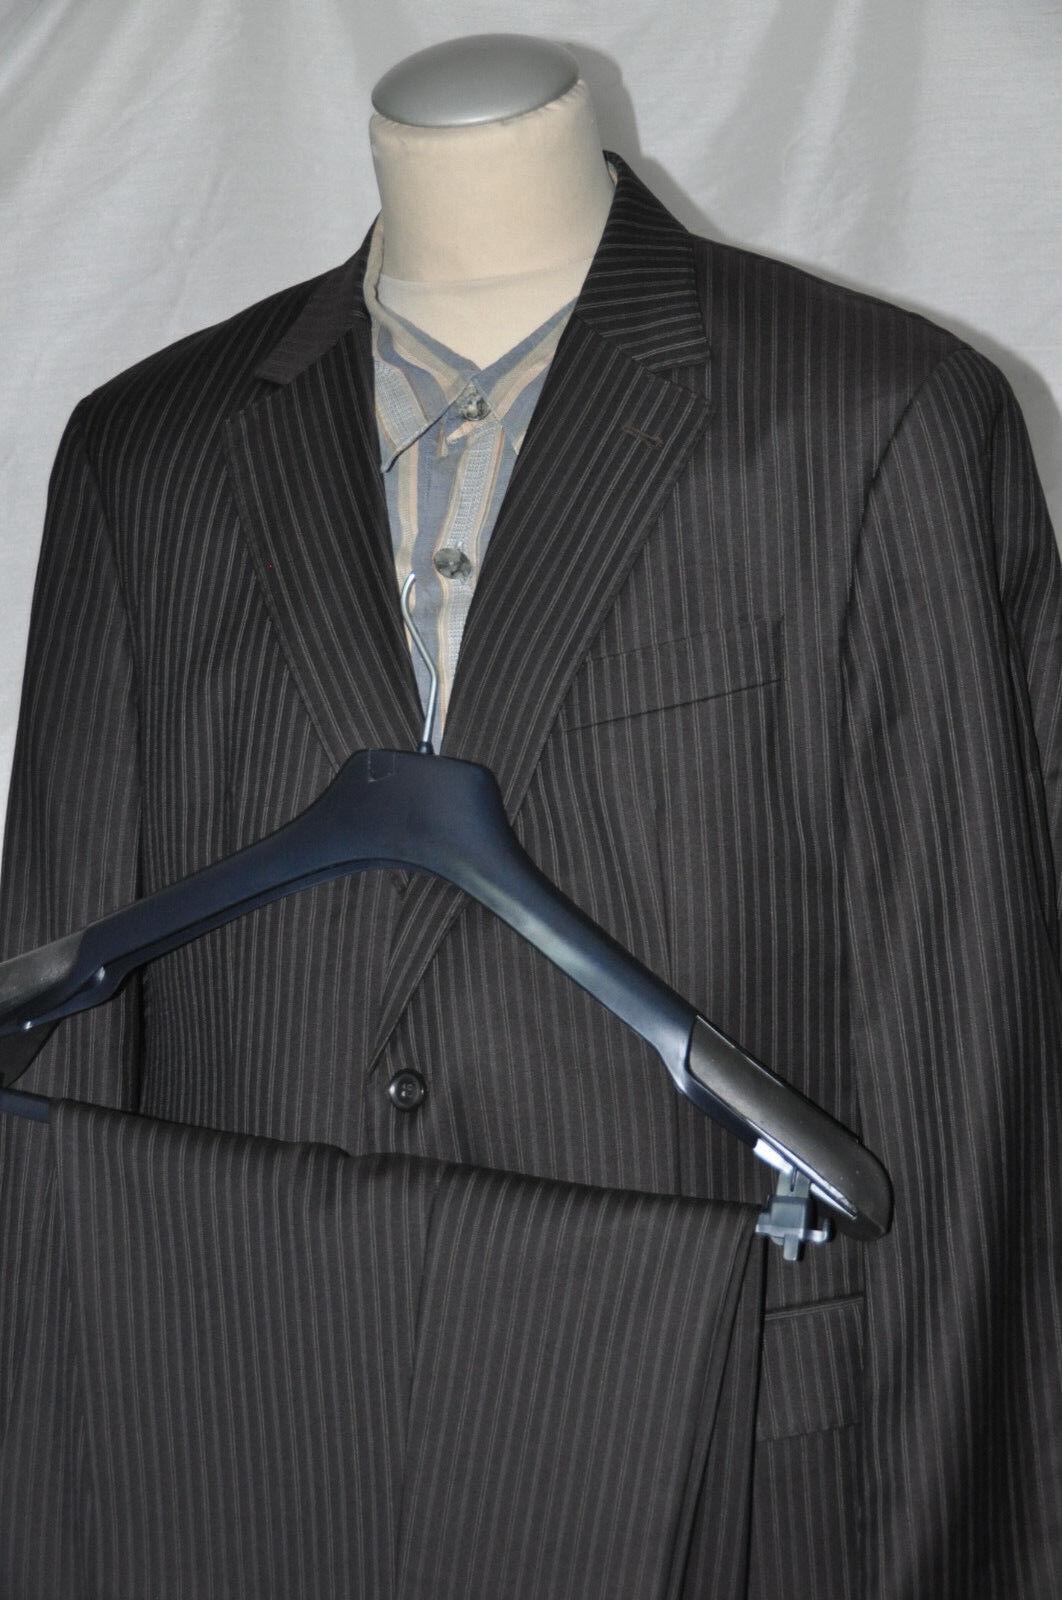 Luxus- Geschäft-Anzug CERRUTI1881 Eineiher WINTERISSIMO Schurwolle  Gr.26  52kur